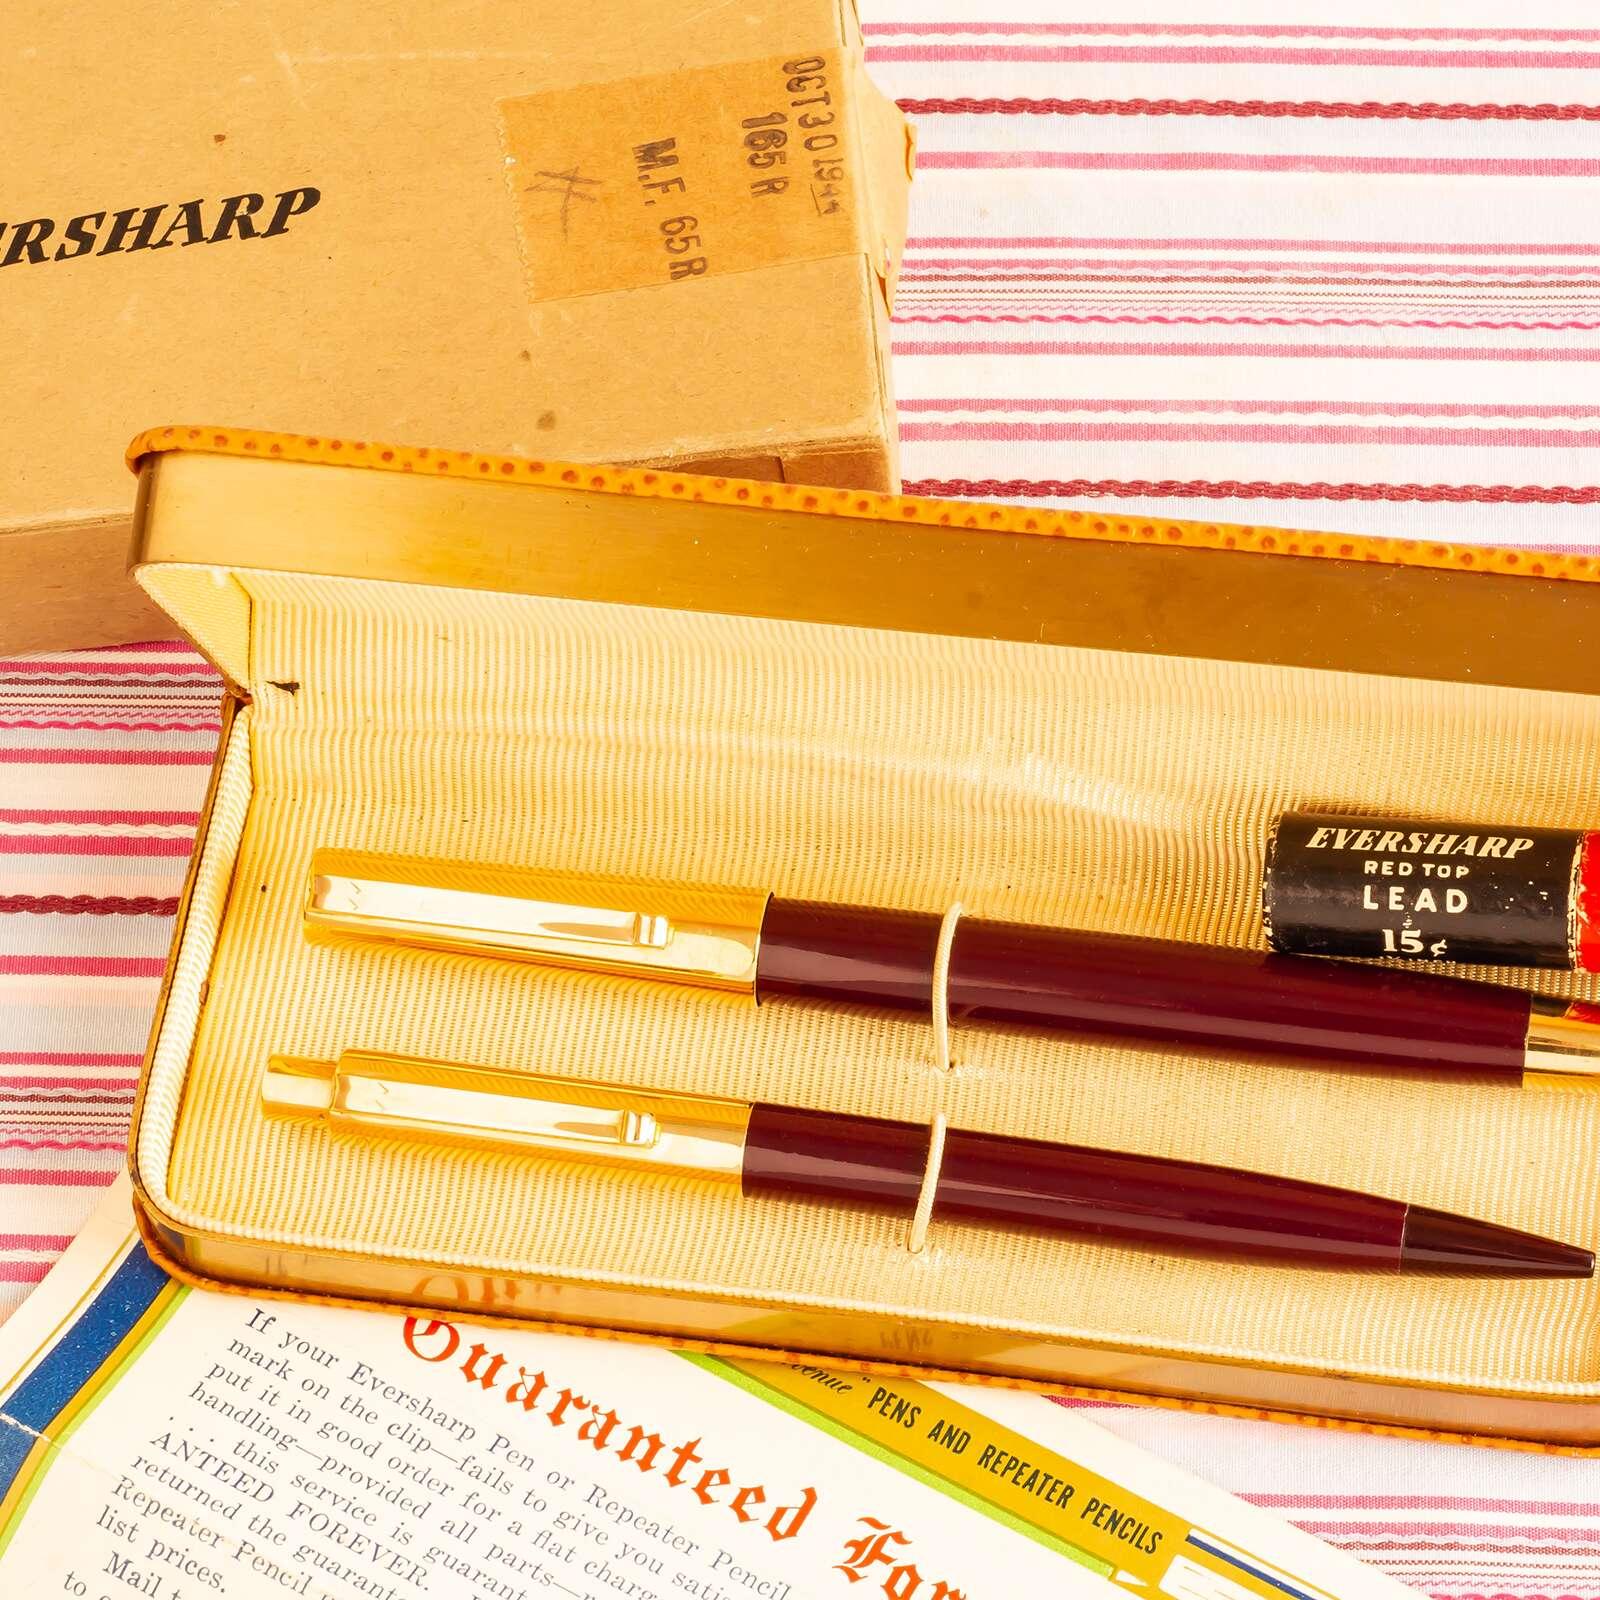 vintage wahl eversharp Fifth Avenue Sixty Four 64 solid gold cap Dubonnet Red double tick emblem fountain pen pencil box set guarantee paper